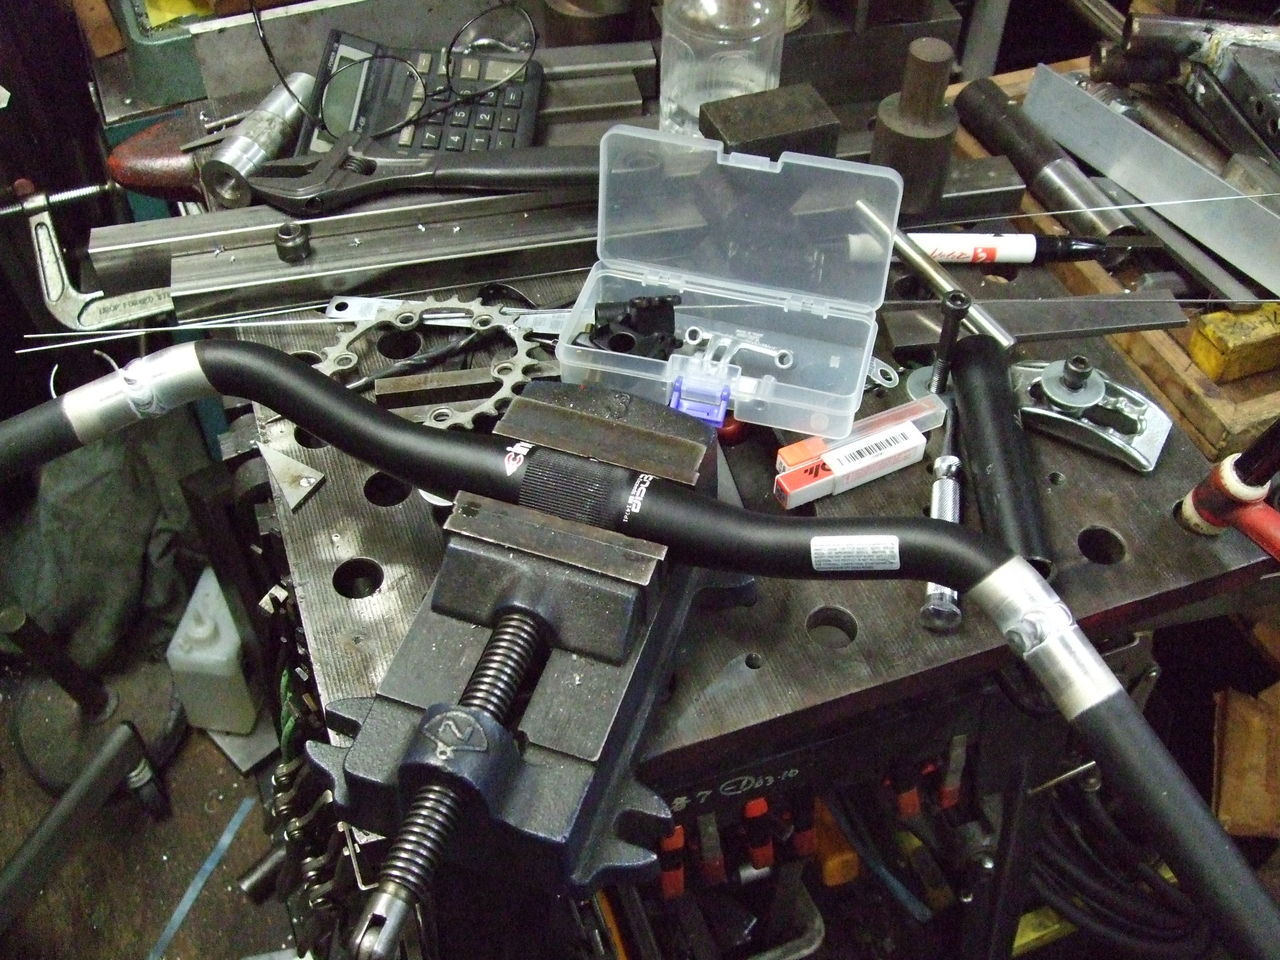 自転車の 自転車 アルミフレーム 修理 : Crafthouse:2012年10月 - livedoor Blog ...